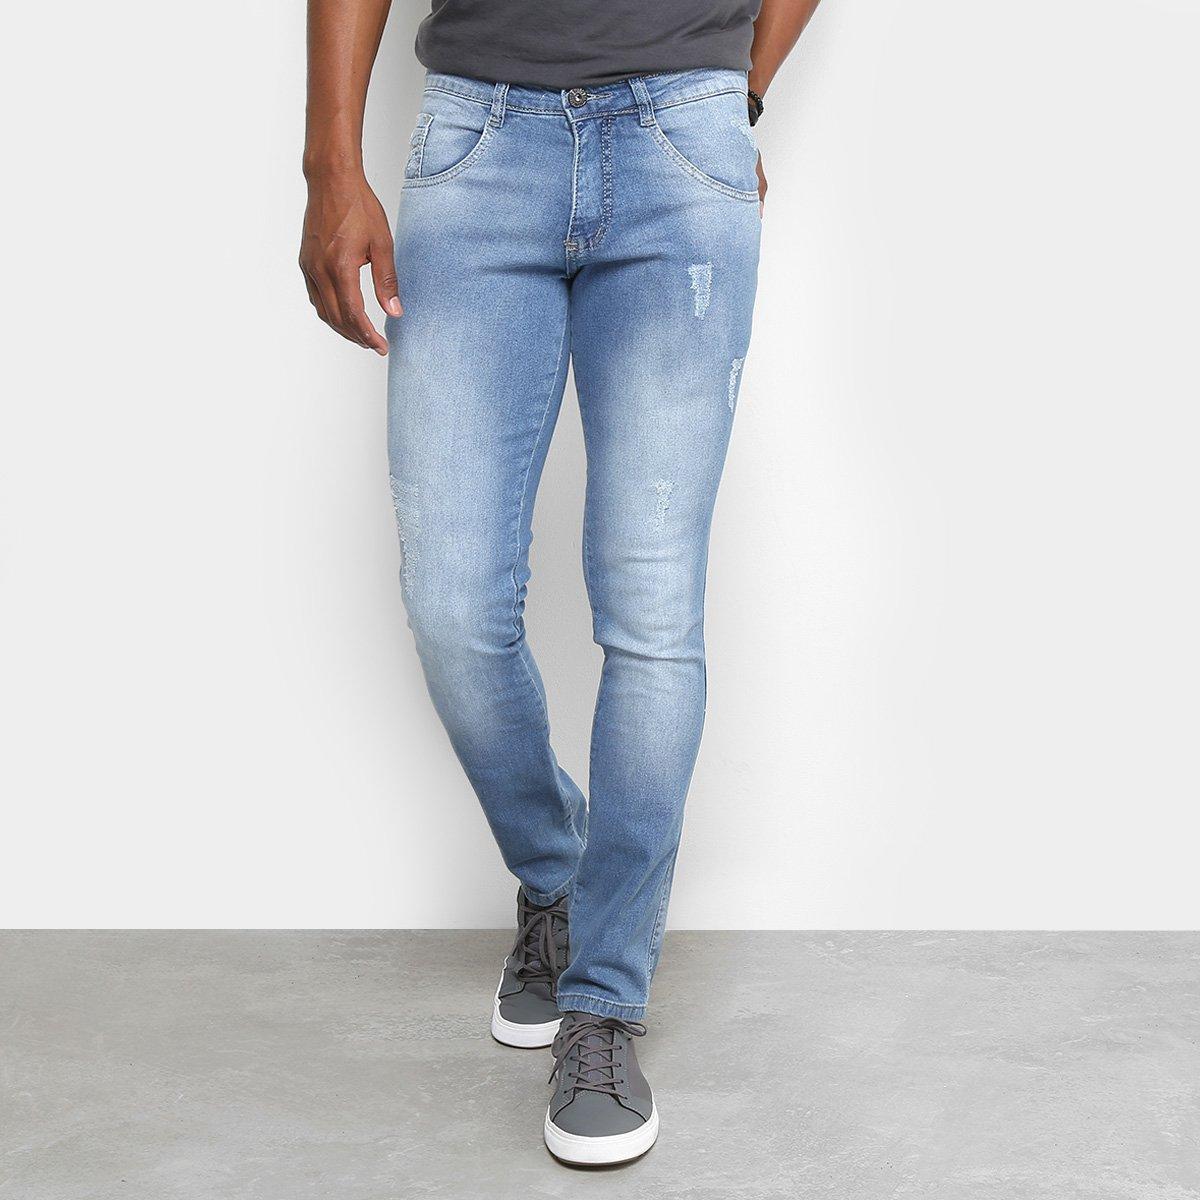 d2b229a32 Calça Jeans Skinny Biotipo Puídos Cintura Média Masculina   Livelo ...